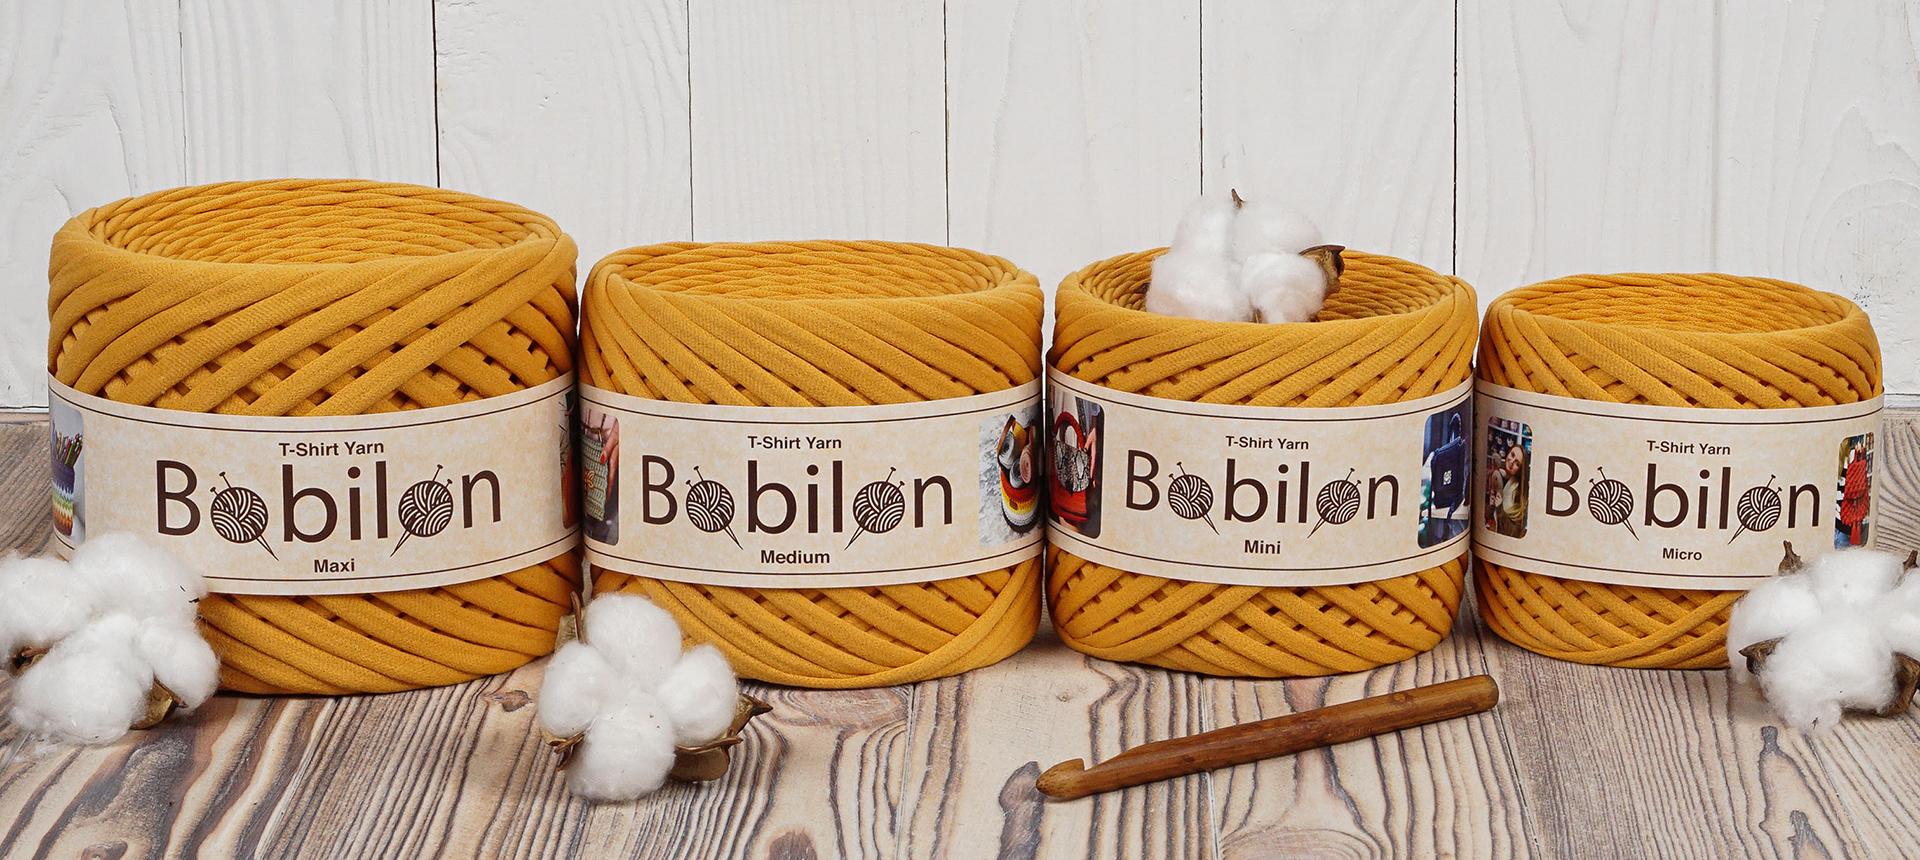 Bobilon